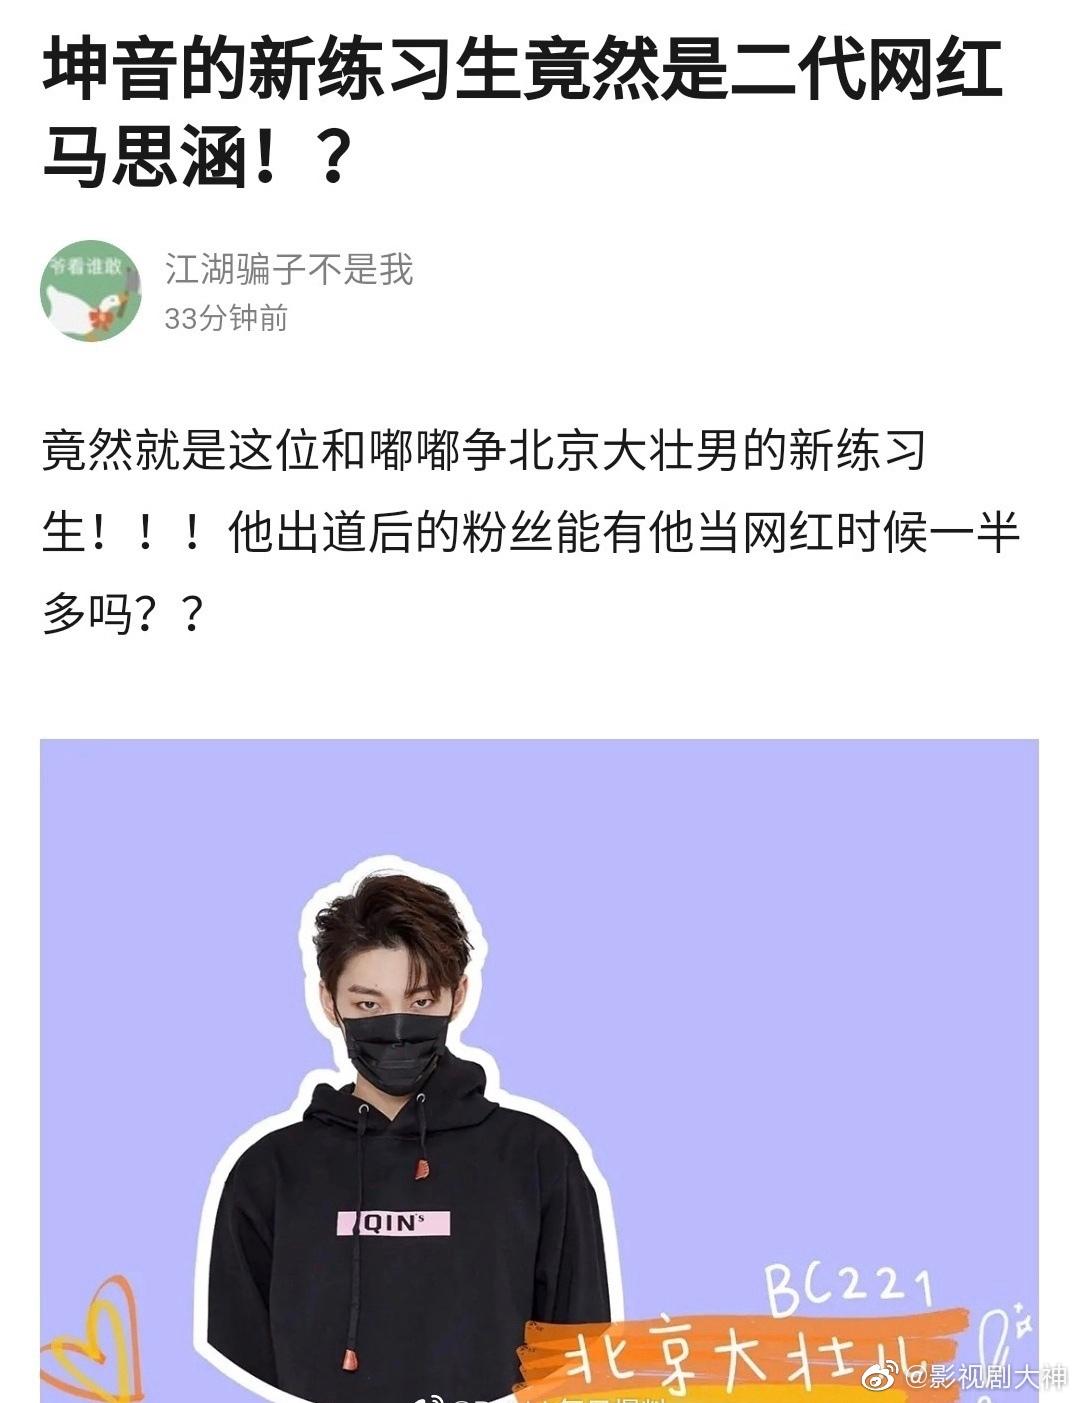 坤音娱乐新练习生竟然是二代网红马思涵,以前跟张沫凡还传过绯闻